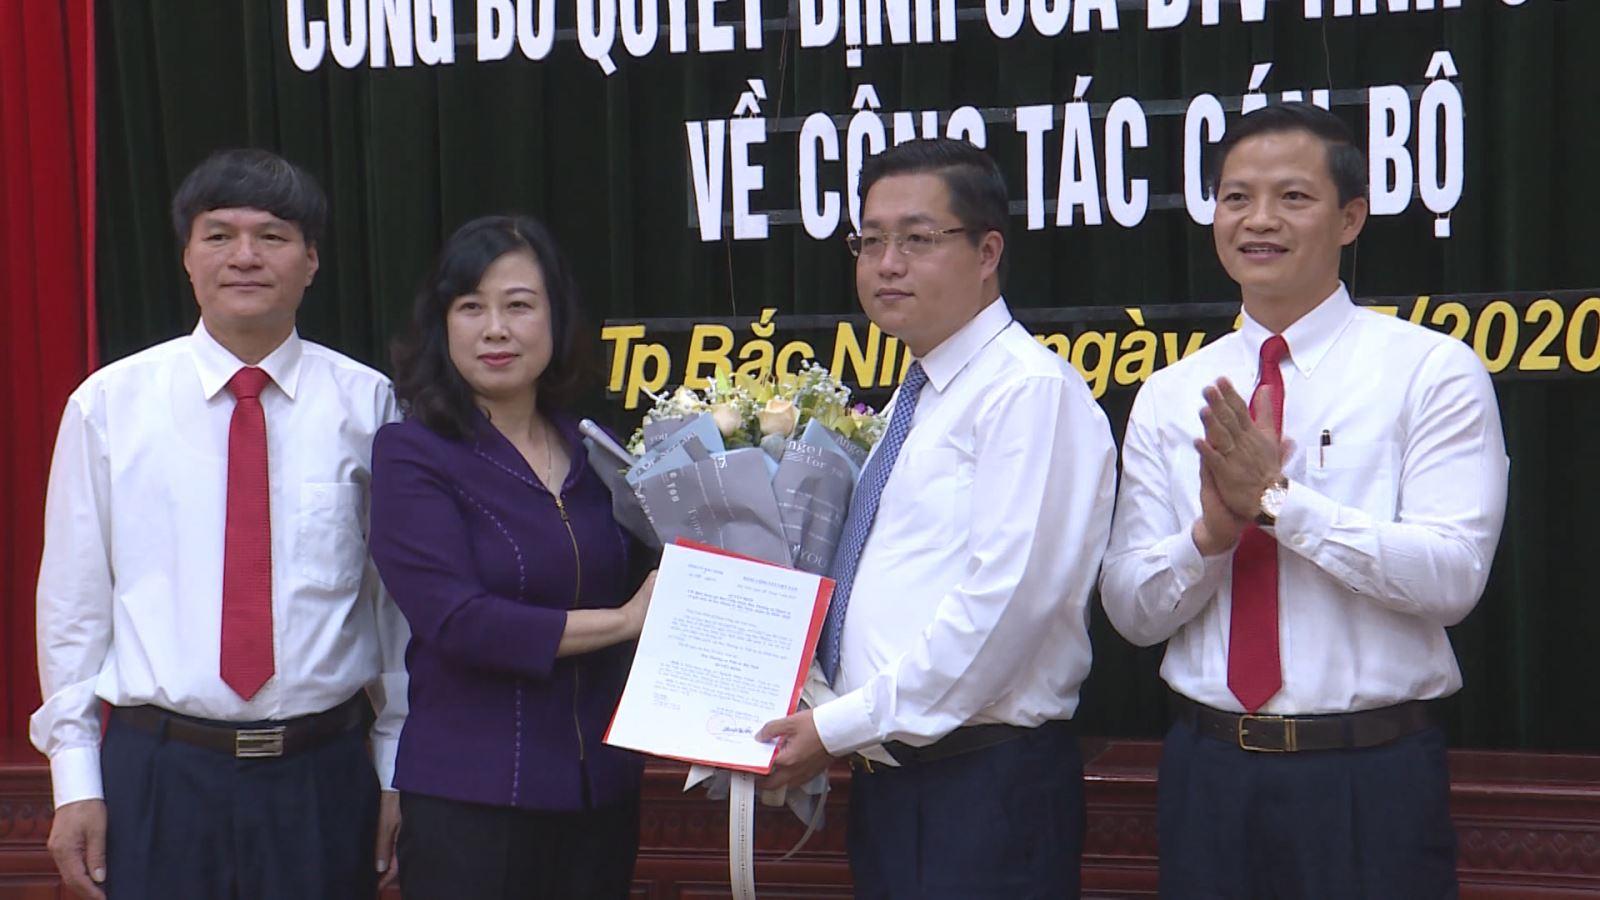 Đồng chí Nguyễn Nhân Chinh giữ chức Bí thư Thành ủy Bắc Ninh